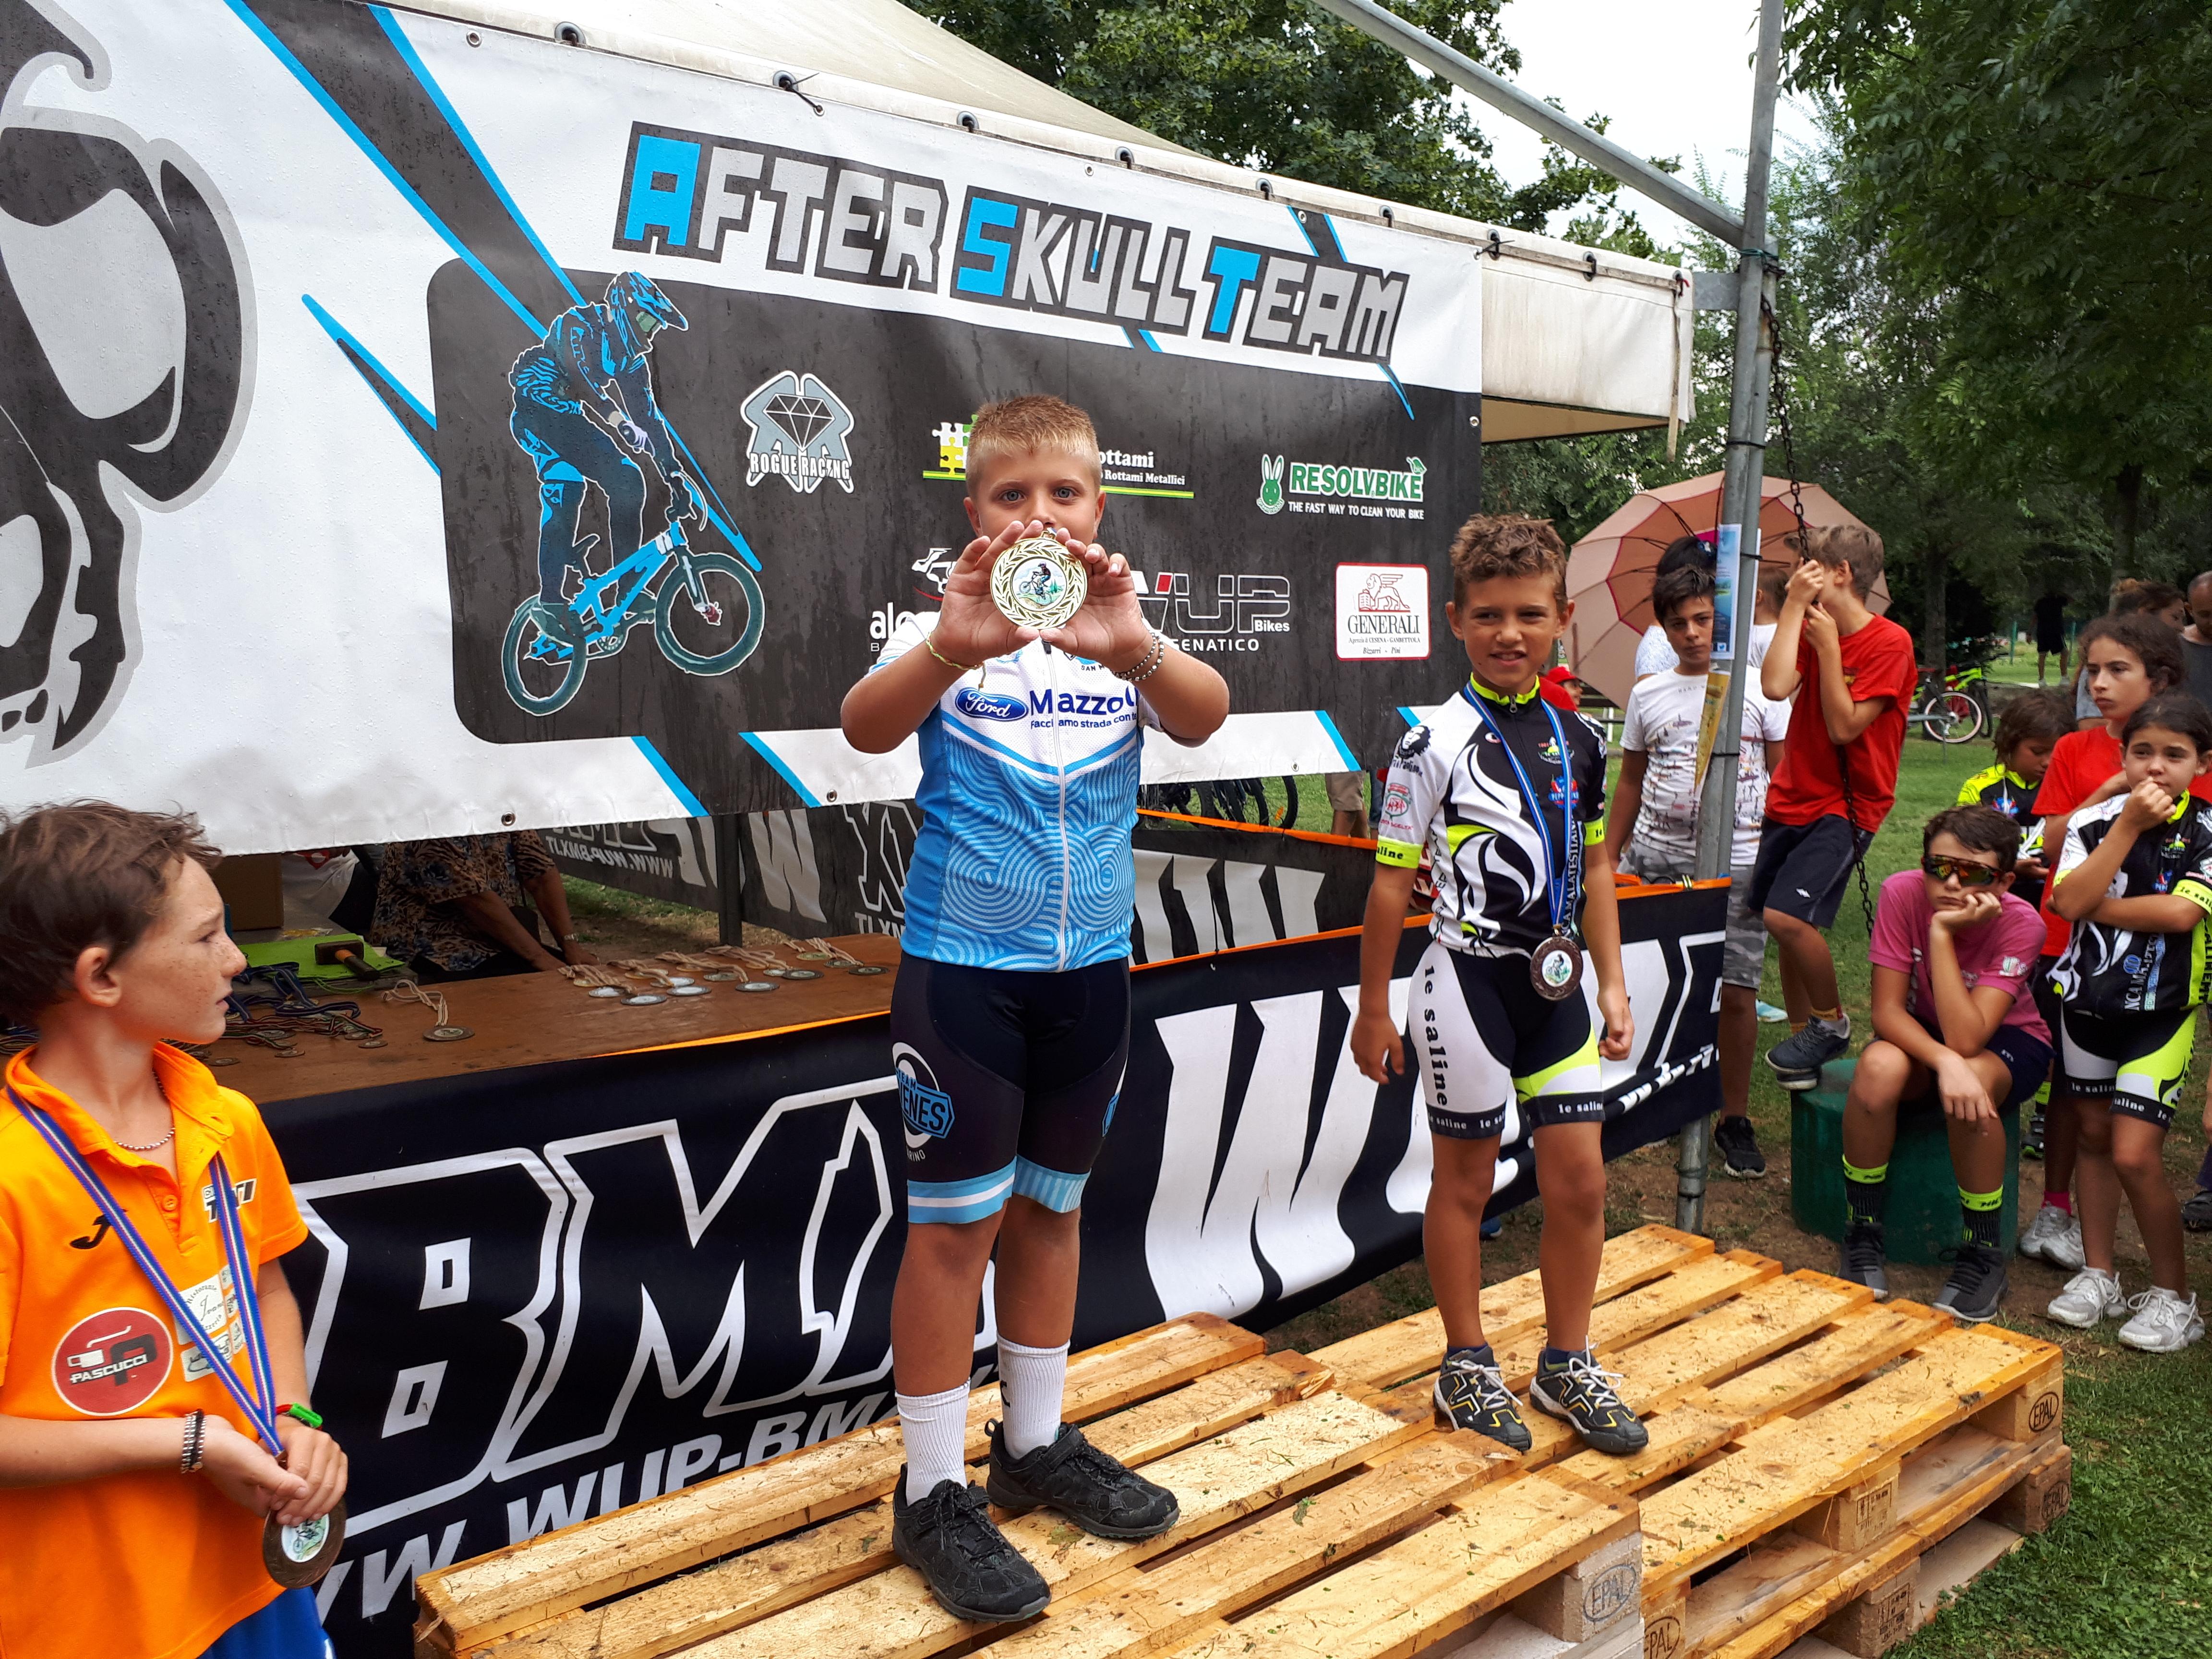 Juvenes ciclismo: Giacomo Picchi vince a Gambettola